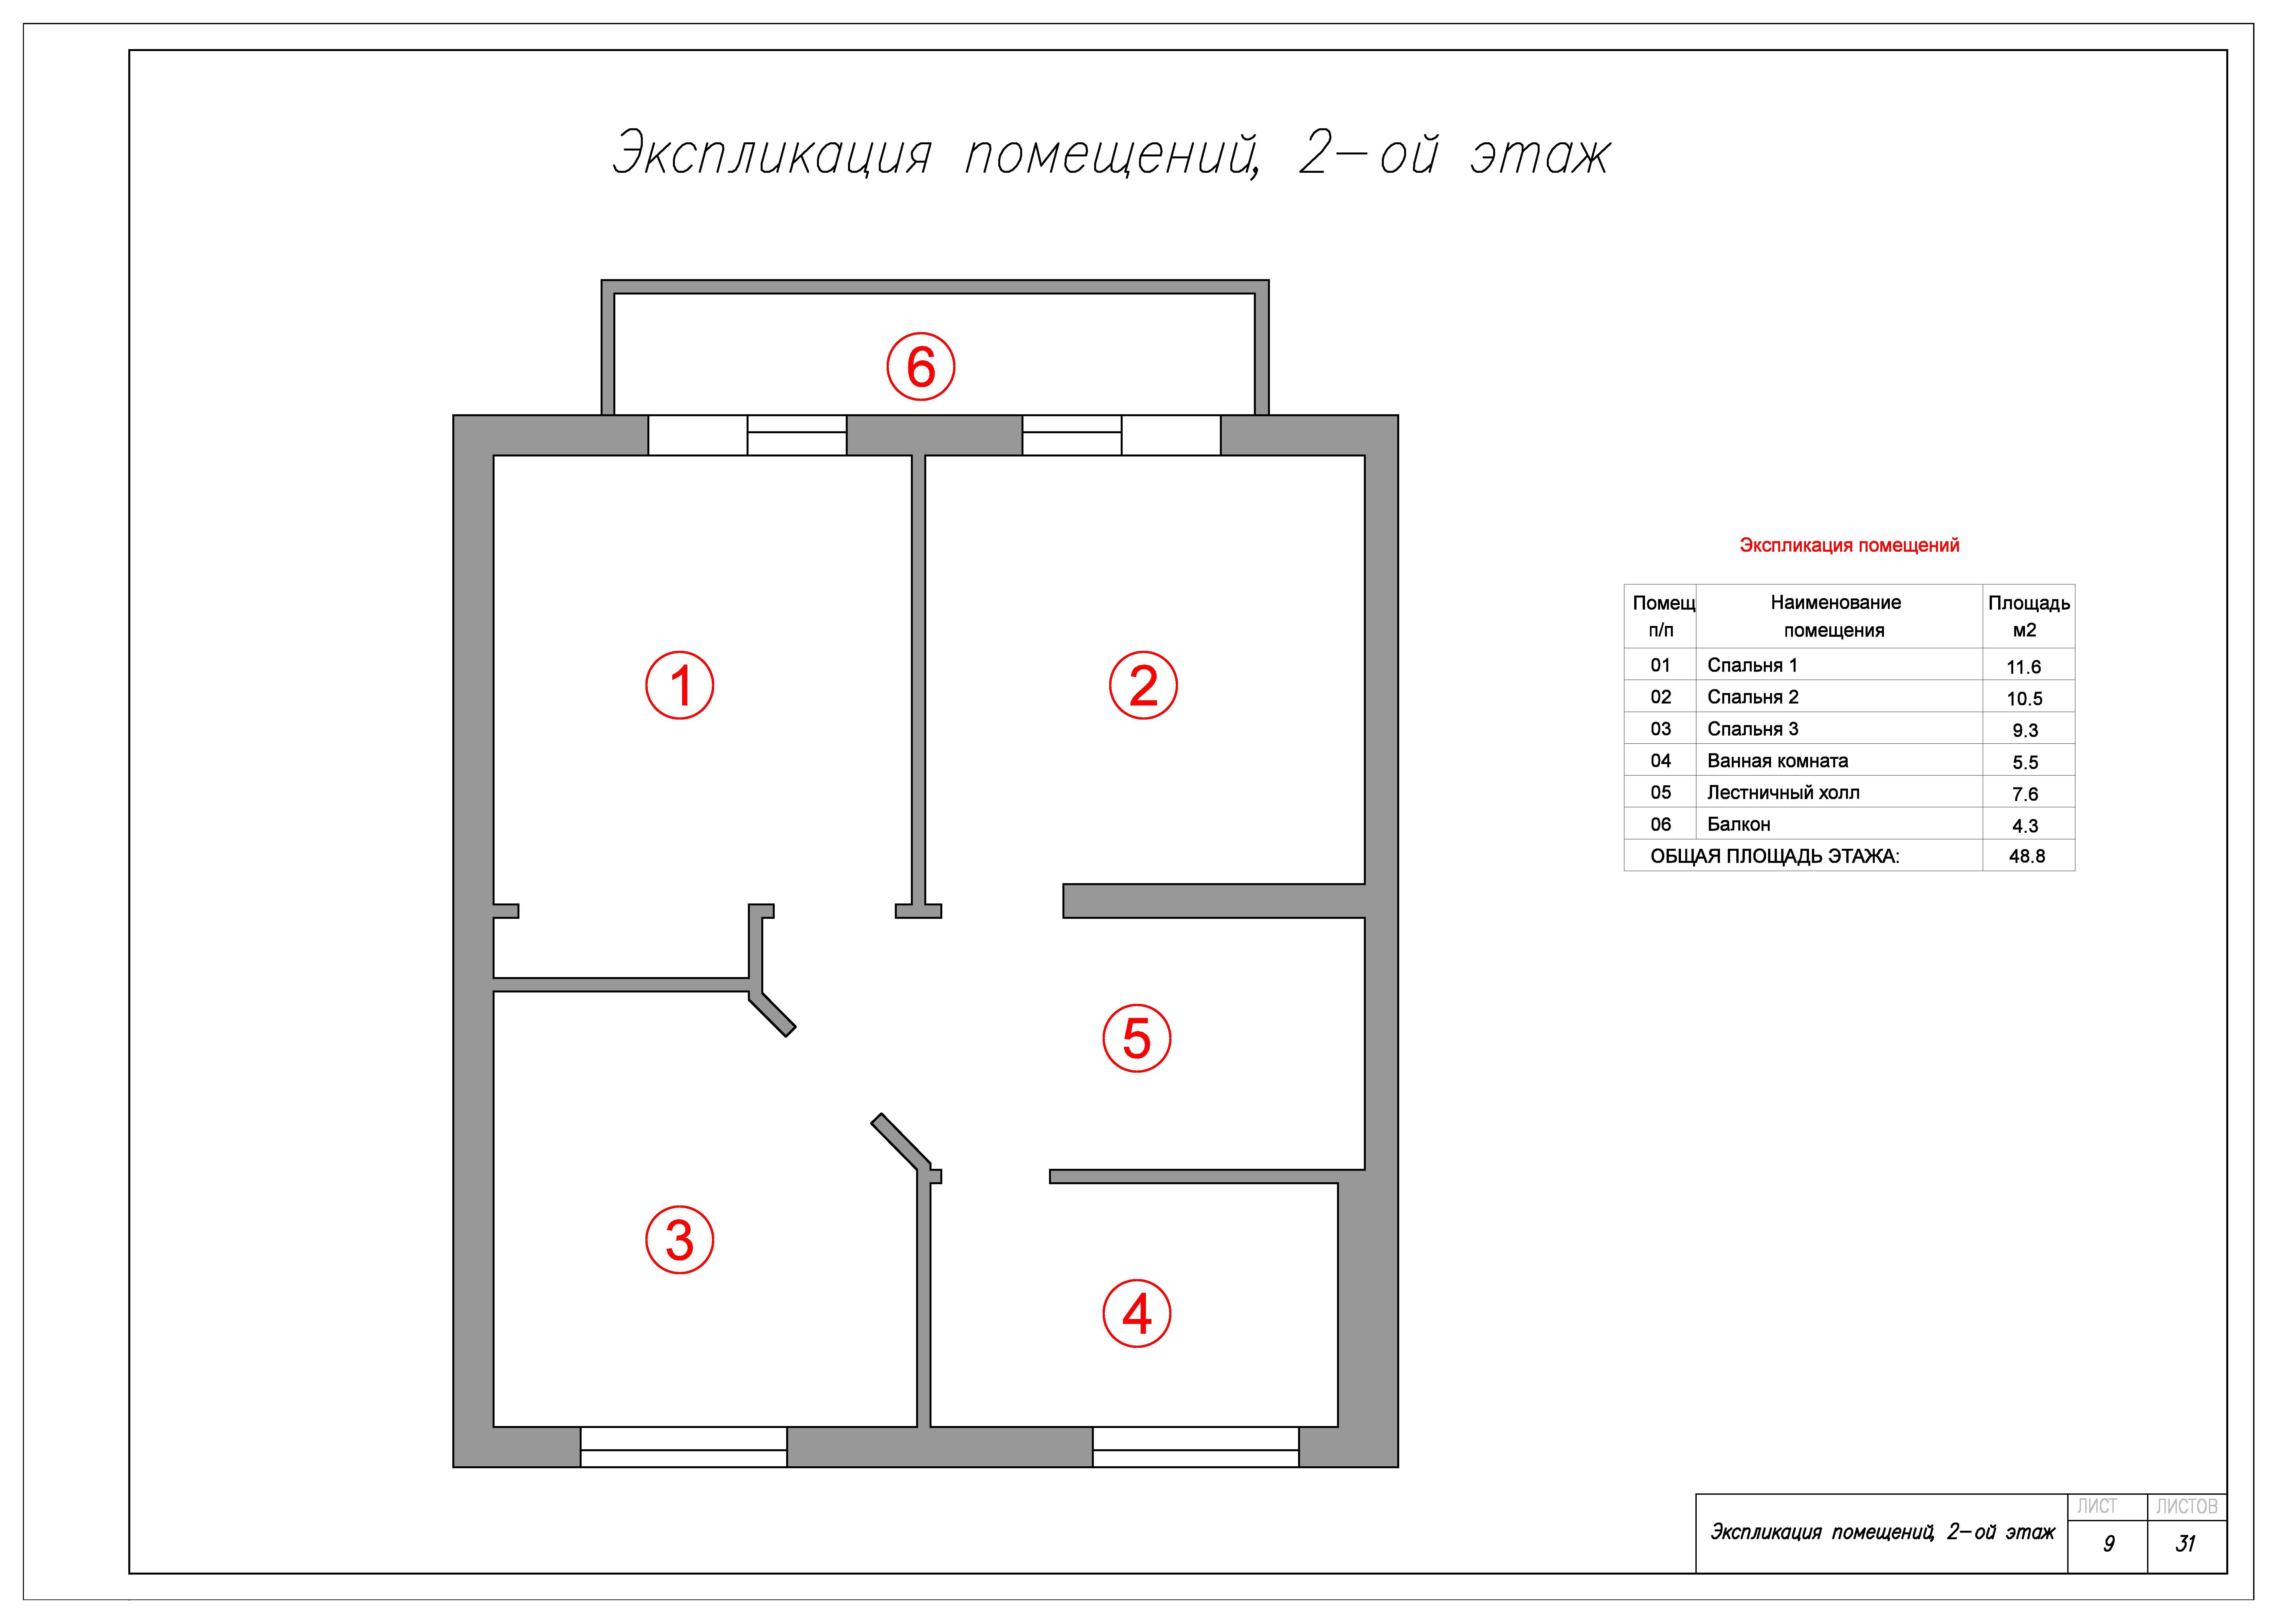 Экспликация помещений, 2 этаж